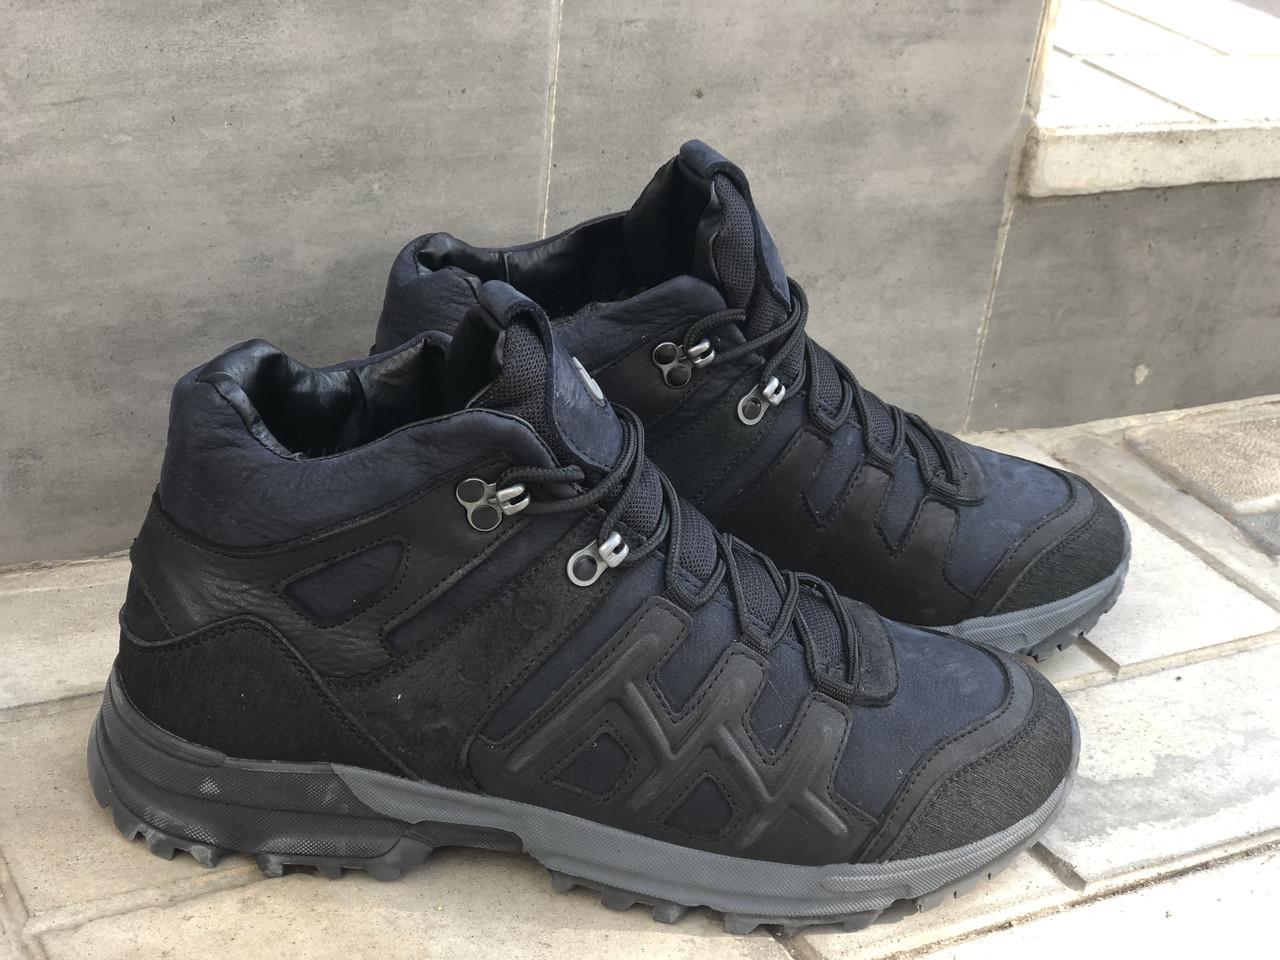 Зимние Кожаные ботинки Mans sport Е 5 син размеры 40,41,42,43,45